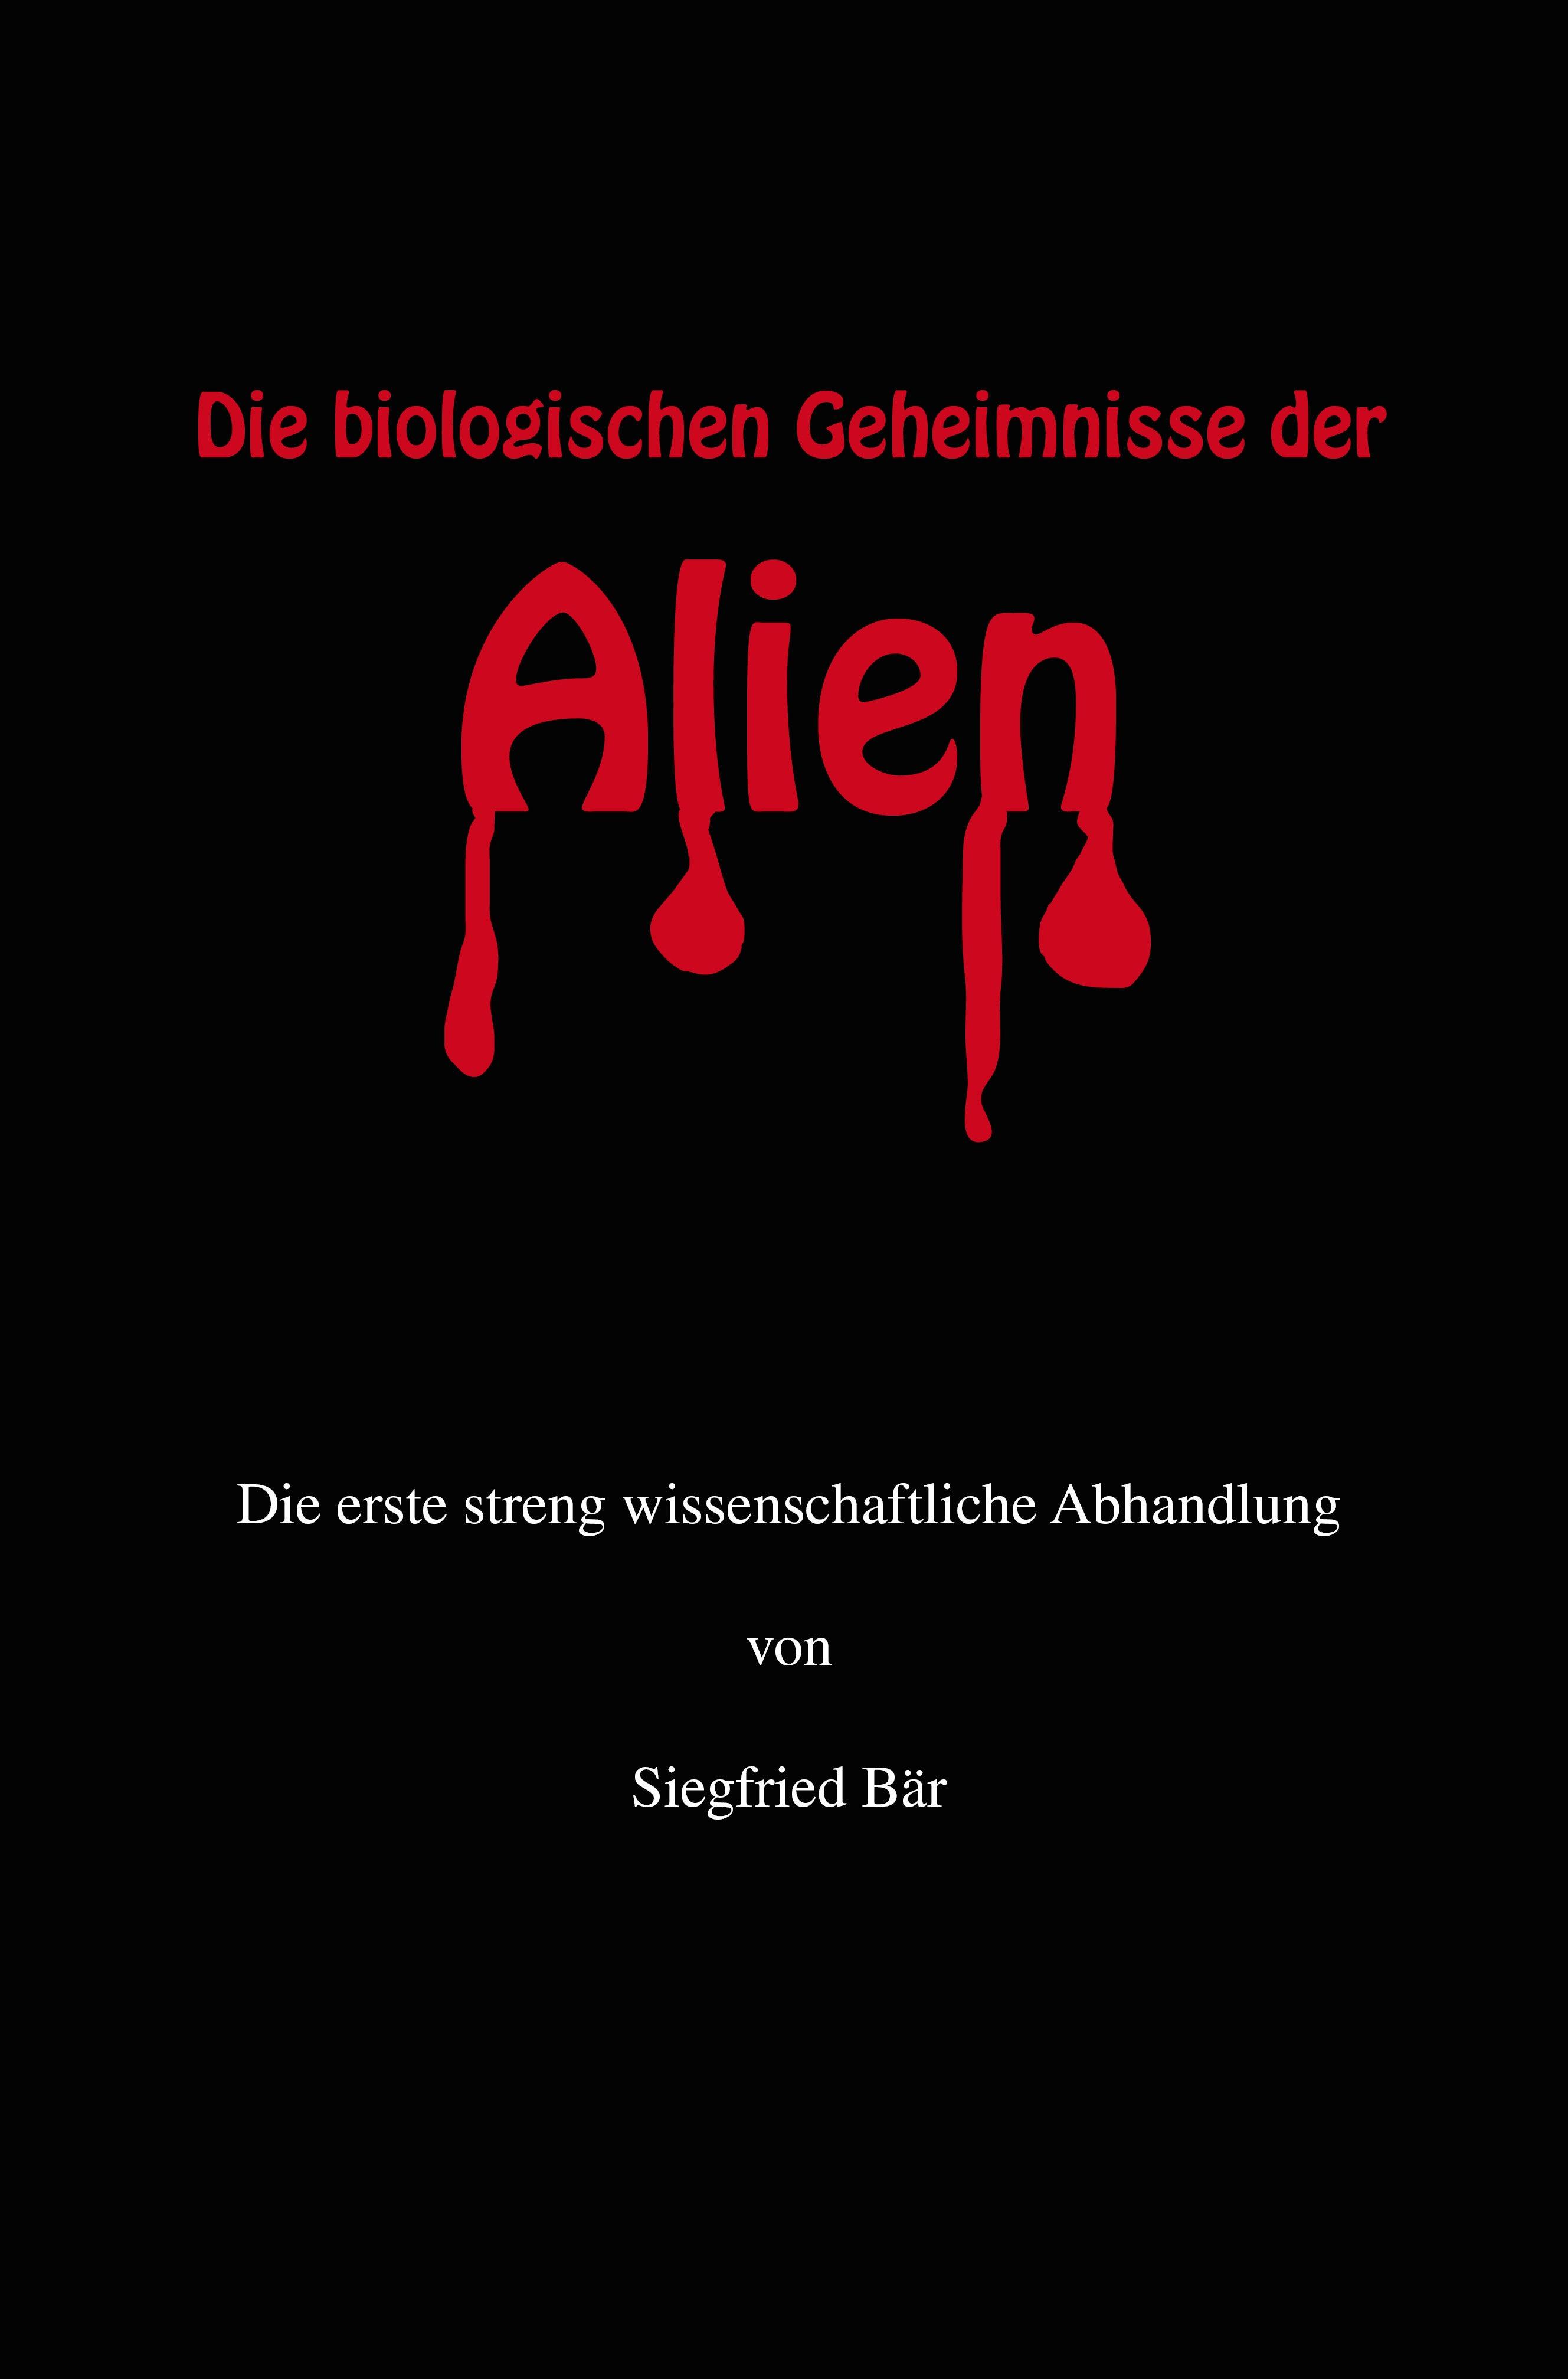 Die biologischen Geheimnisse der Alien